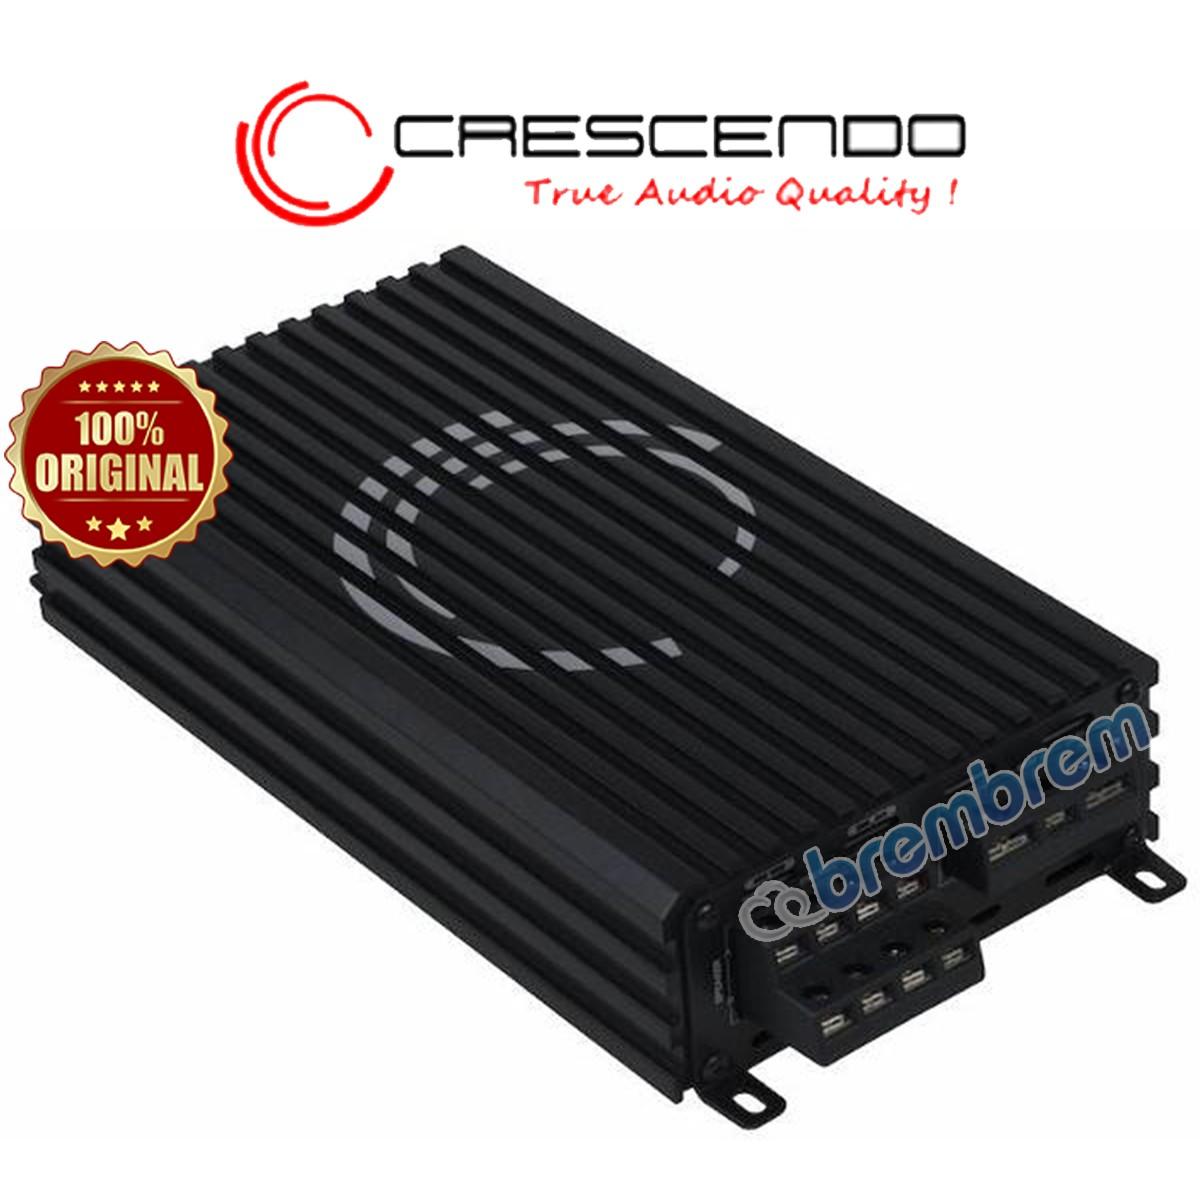 CRESCENDO EVO 1A4 - POWER 4 CHANNEL